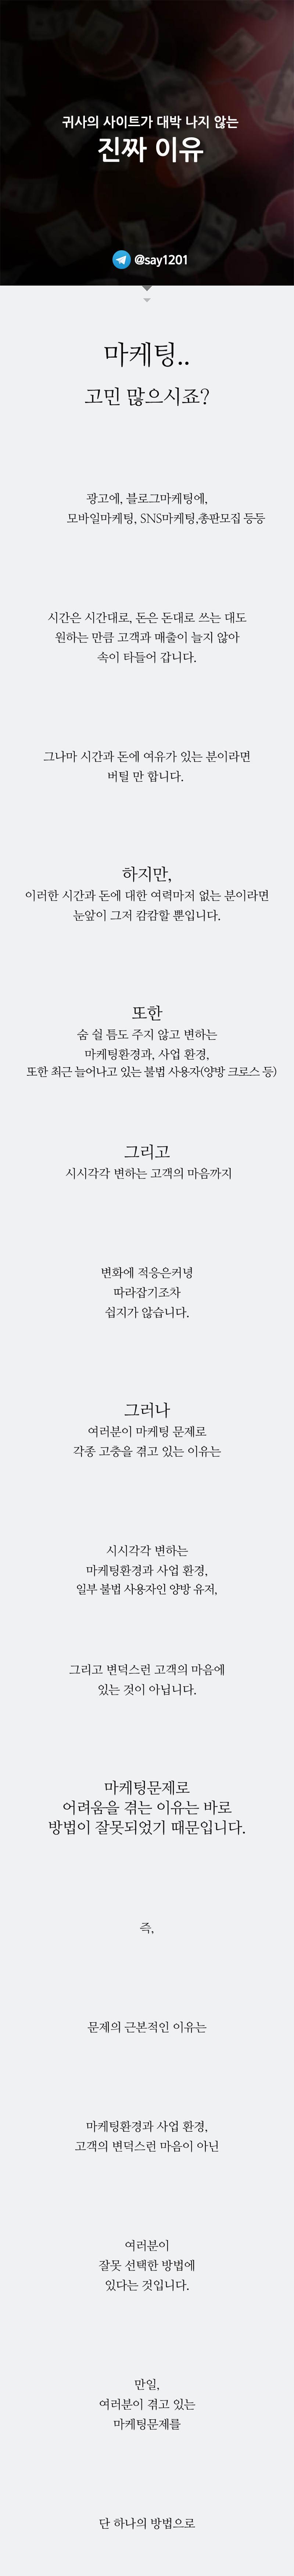 바카라사이트,바카라검증,바카라사이트추천, 바카라아바타게임, 바카라커뮤니티